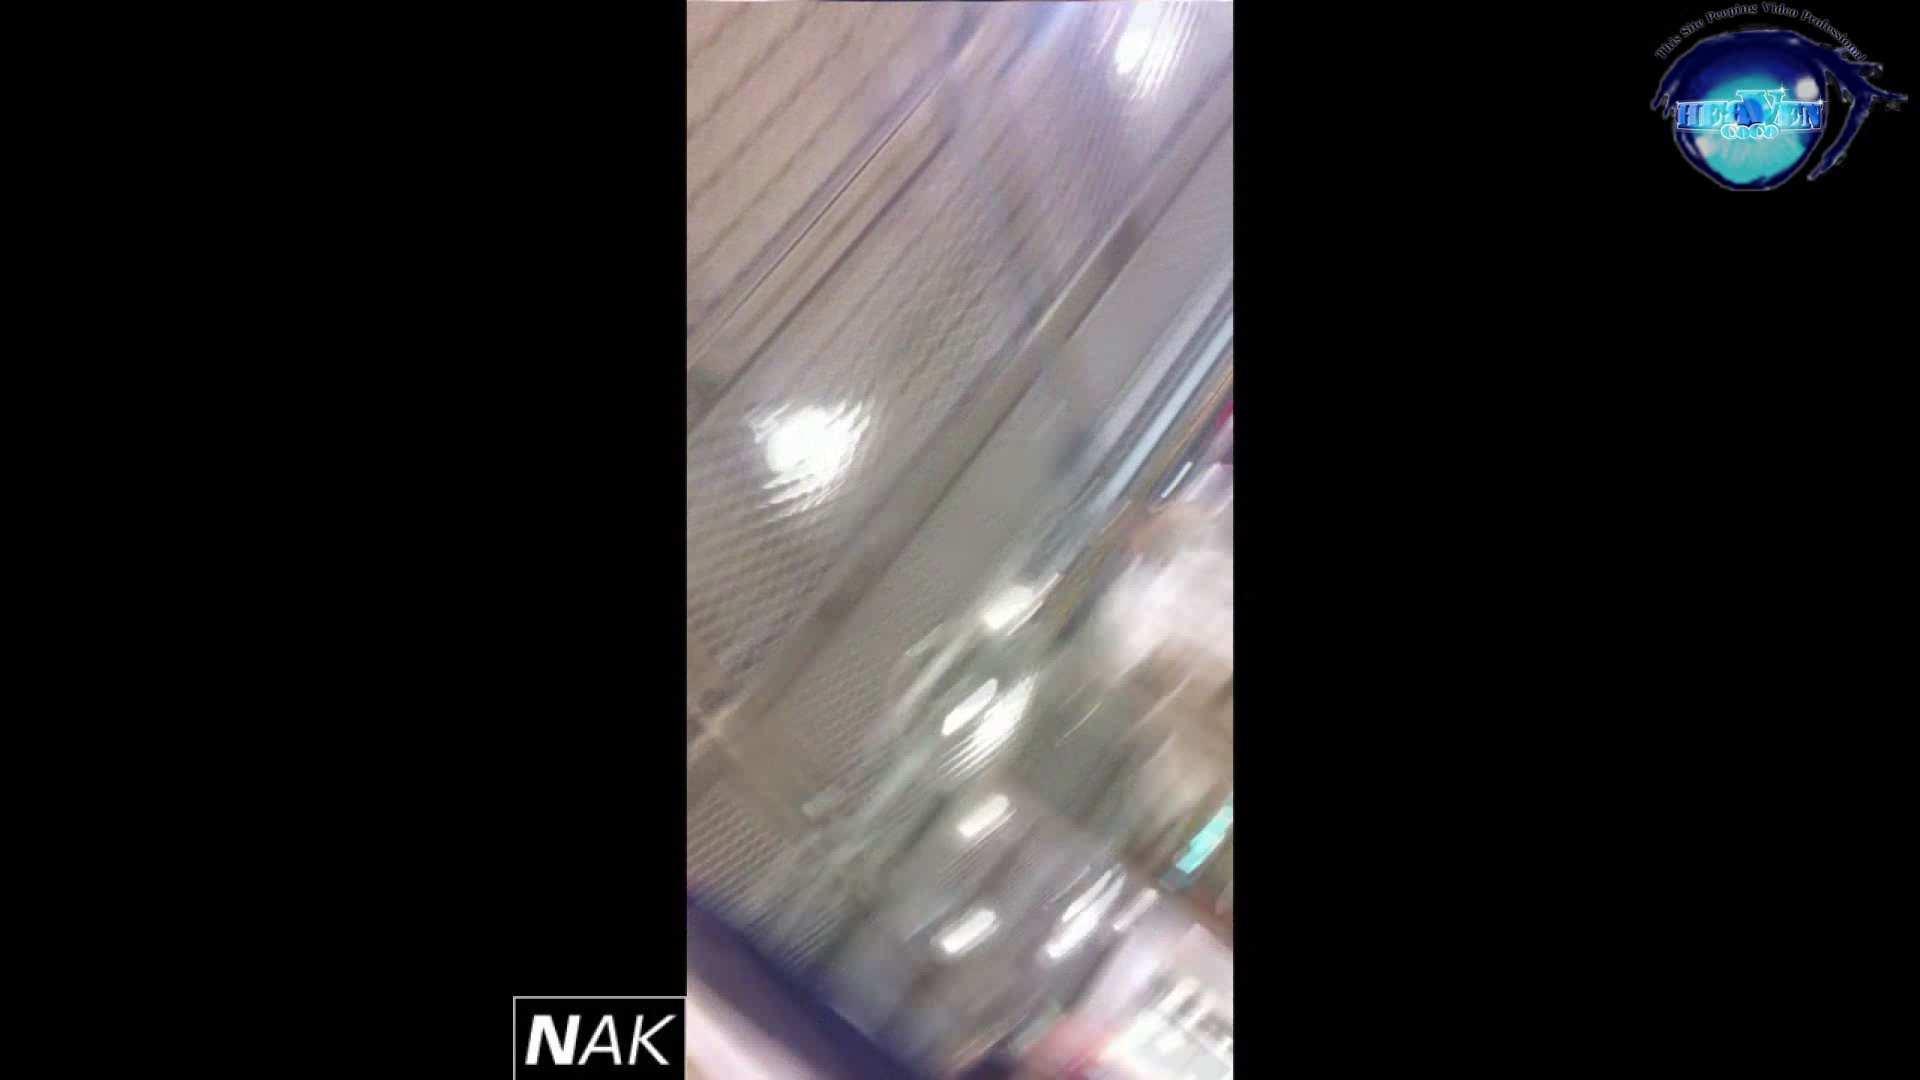 ハイビジョン盗撮!ショップ店員千人斬り!パンチラ編 vol.31 パンティ ヌード画像 48画像 6